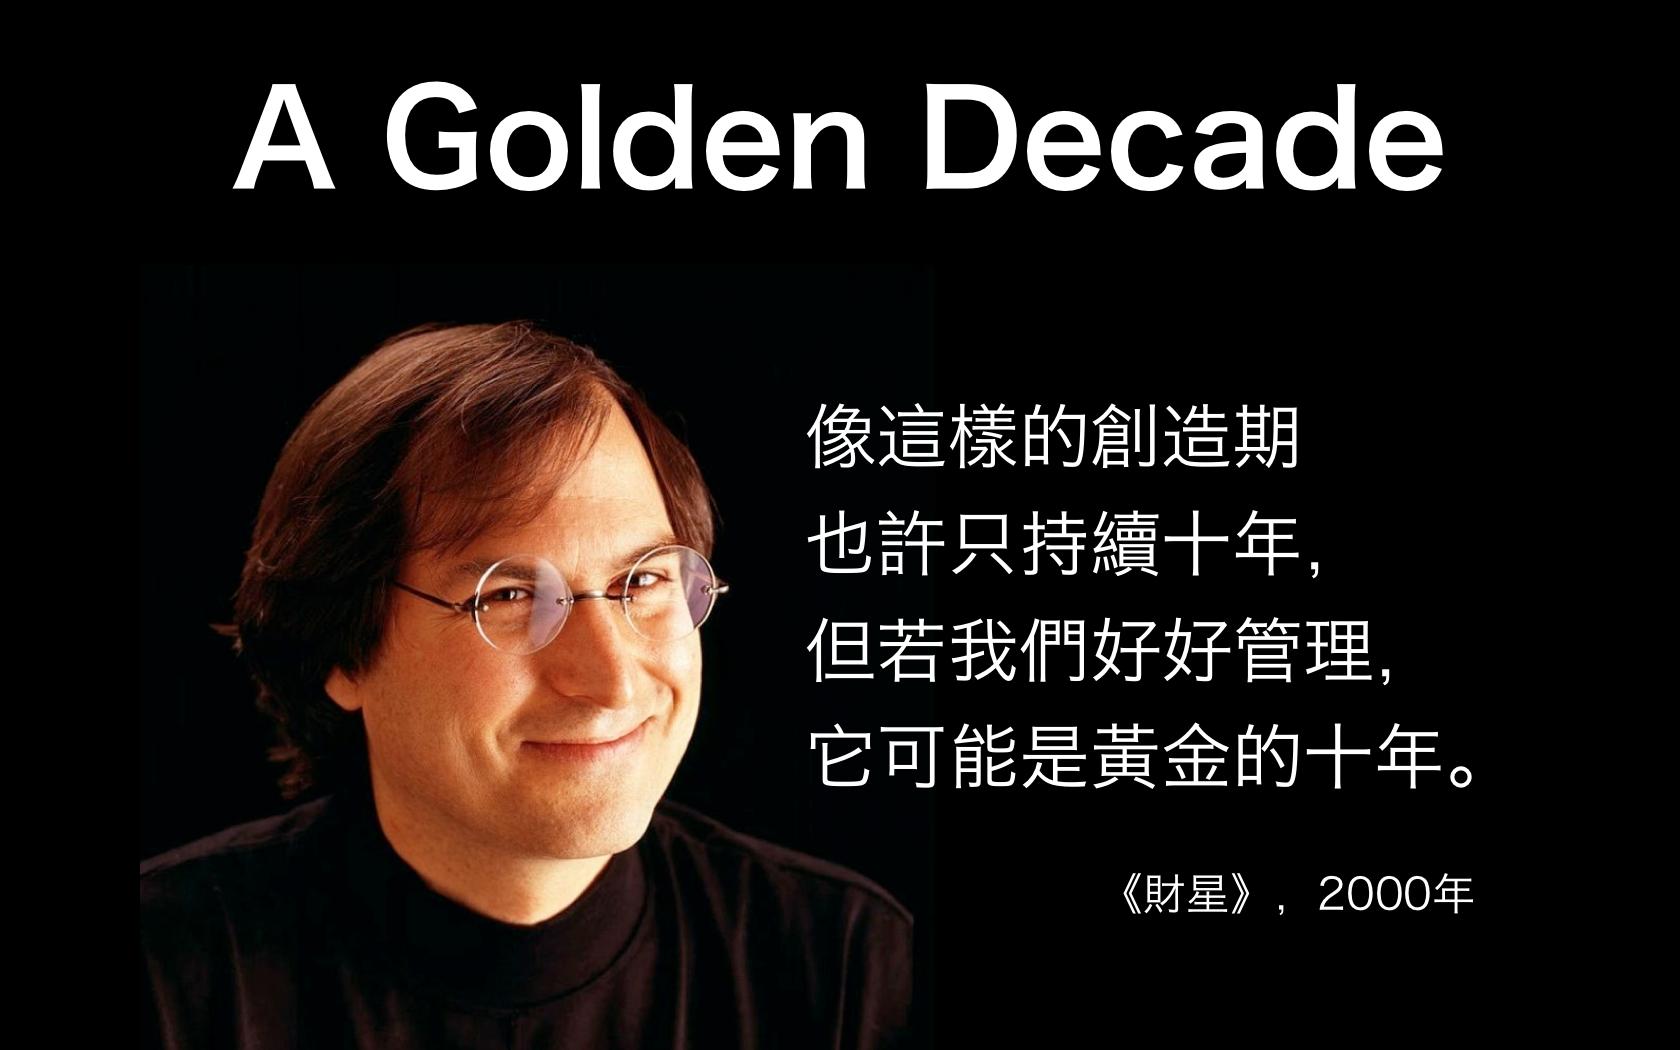 蘋果的黃金十年